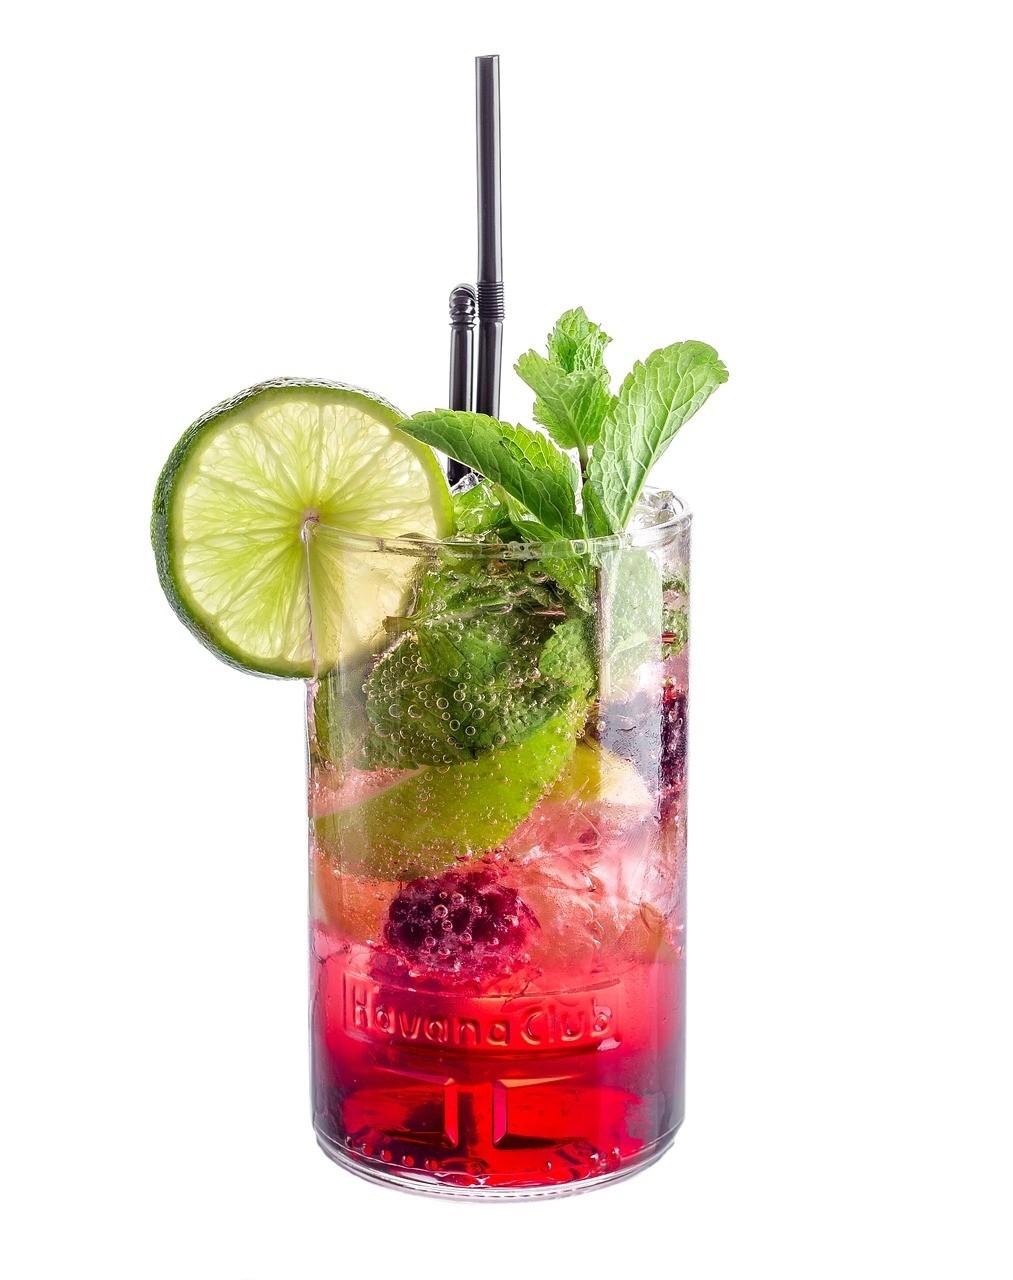 napoje - Bylinky do letních drinků. Můžete se nechat inspirovat